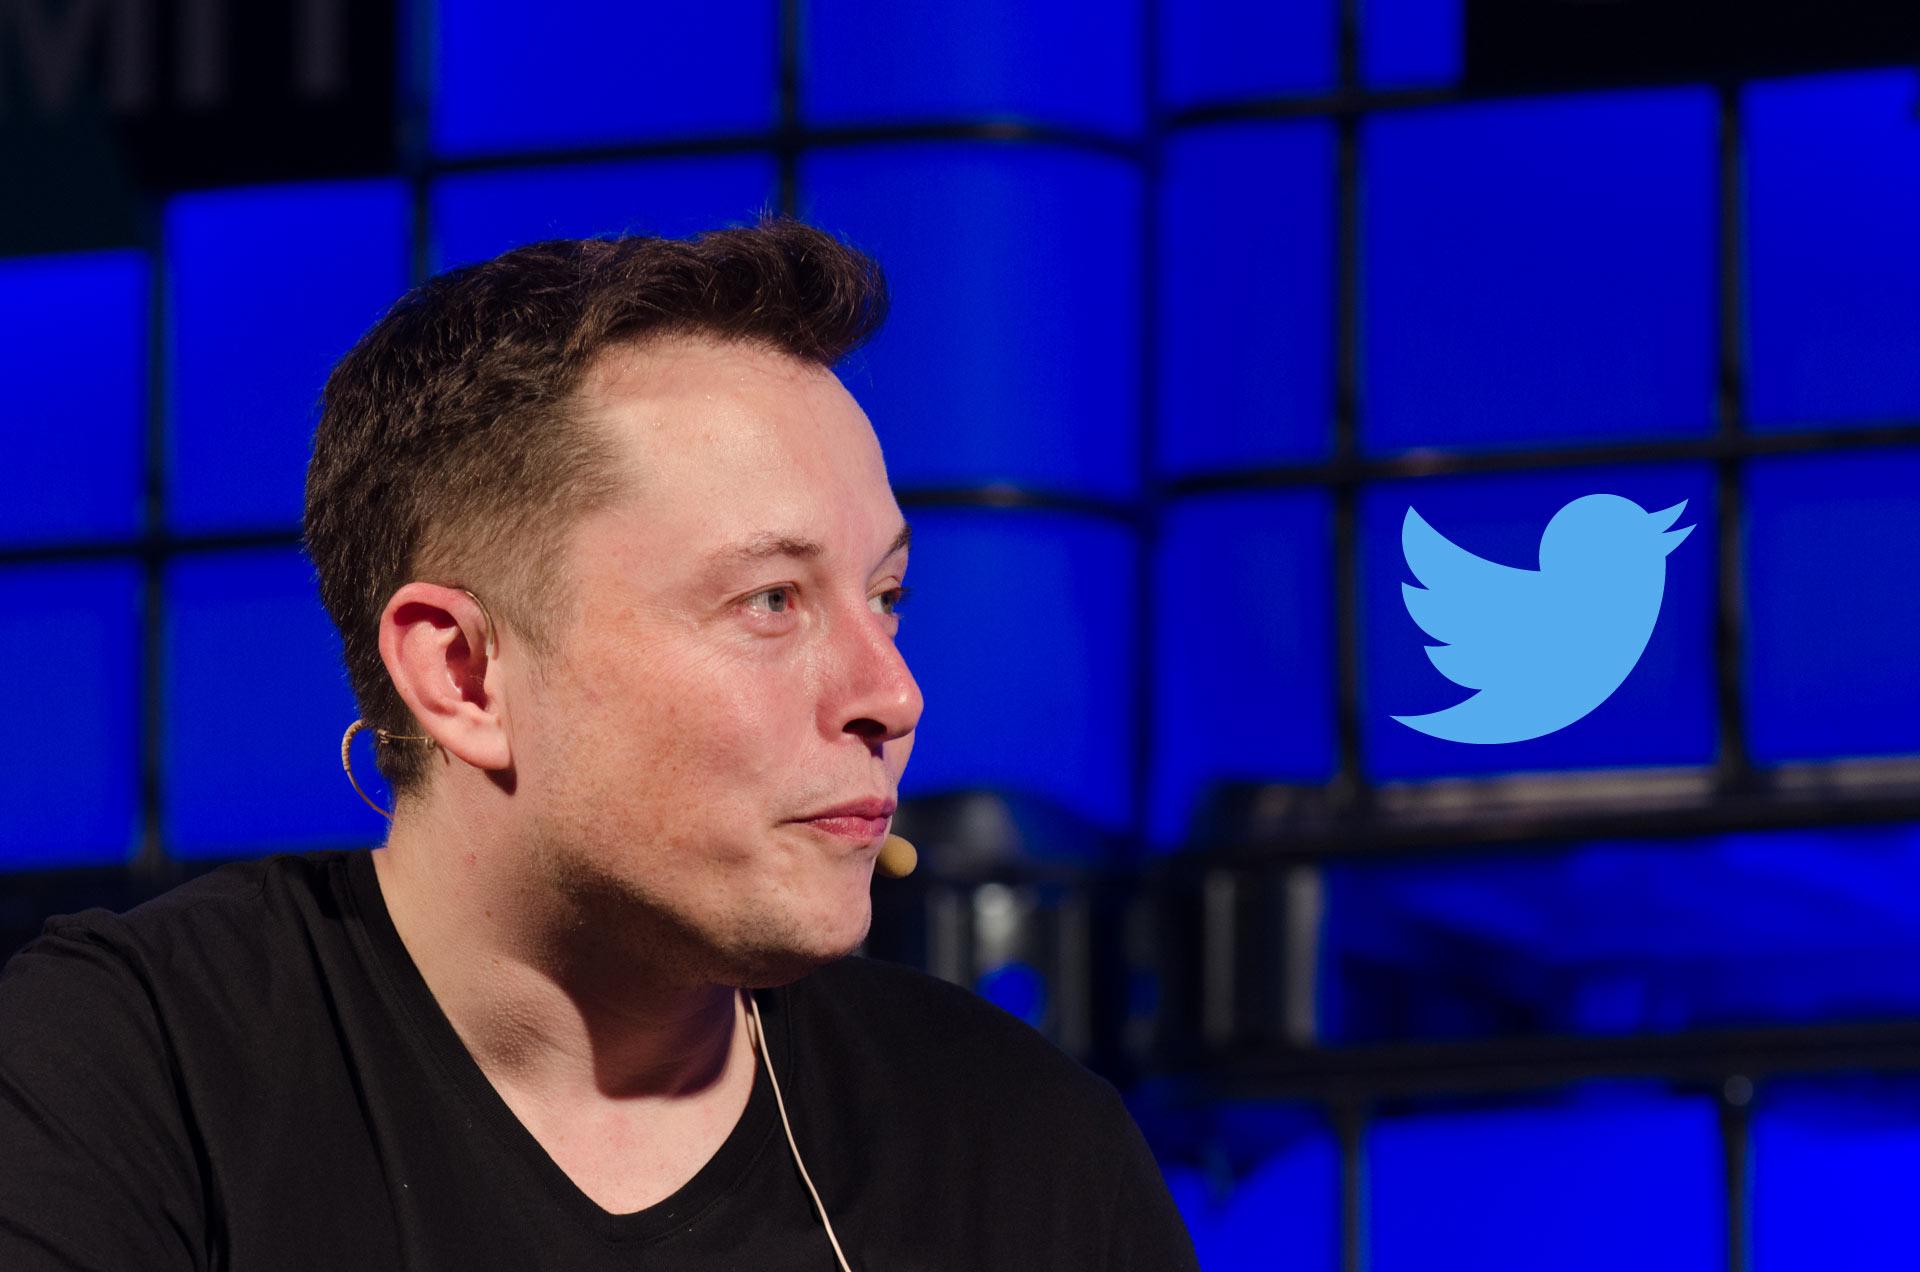 Elon Musk Twitter'dan telefon numarasını 16 milyon kişiyle paylaştı